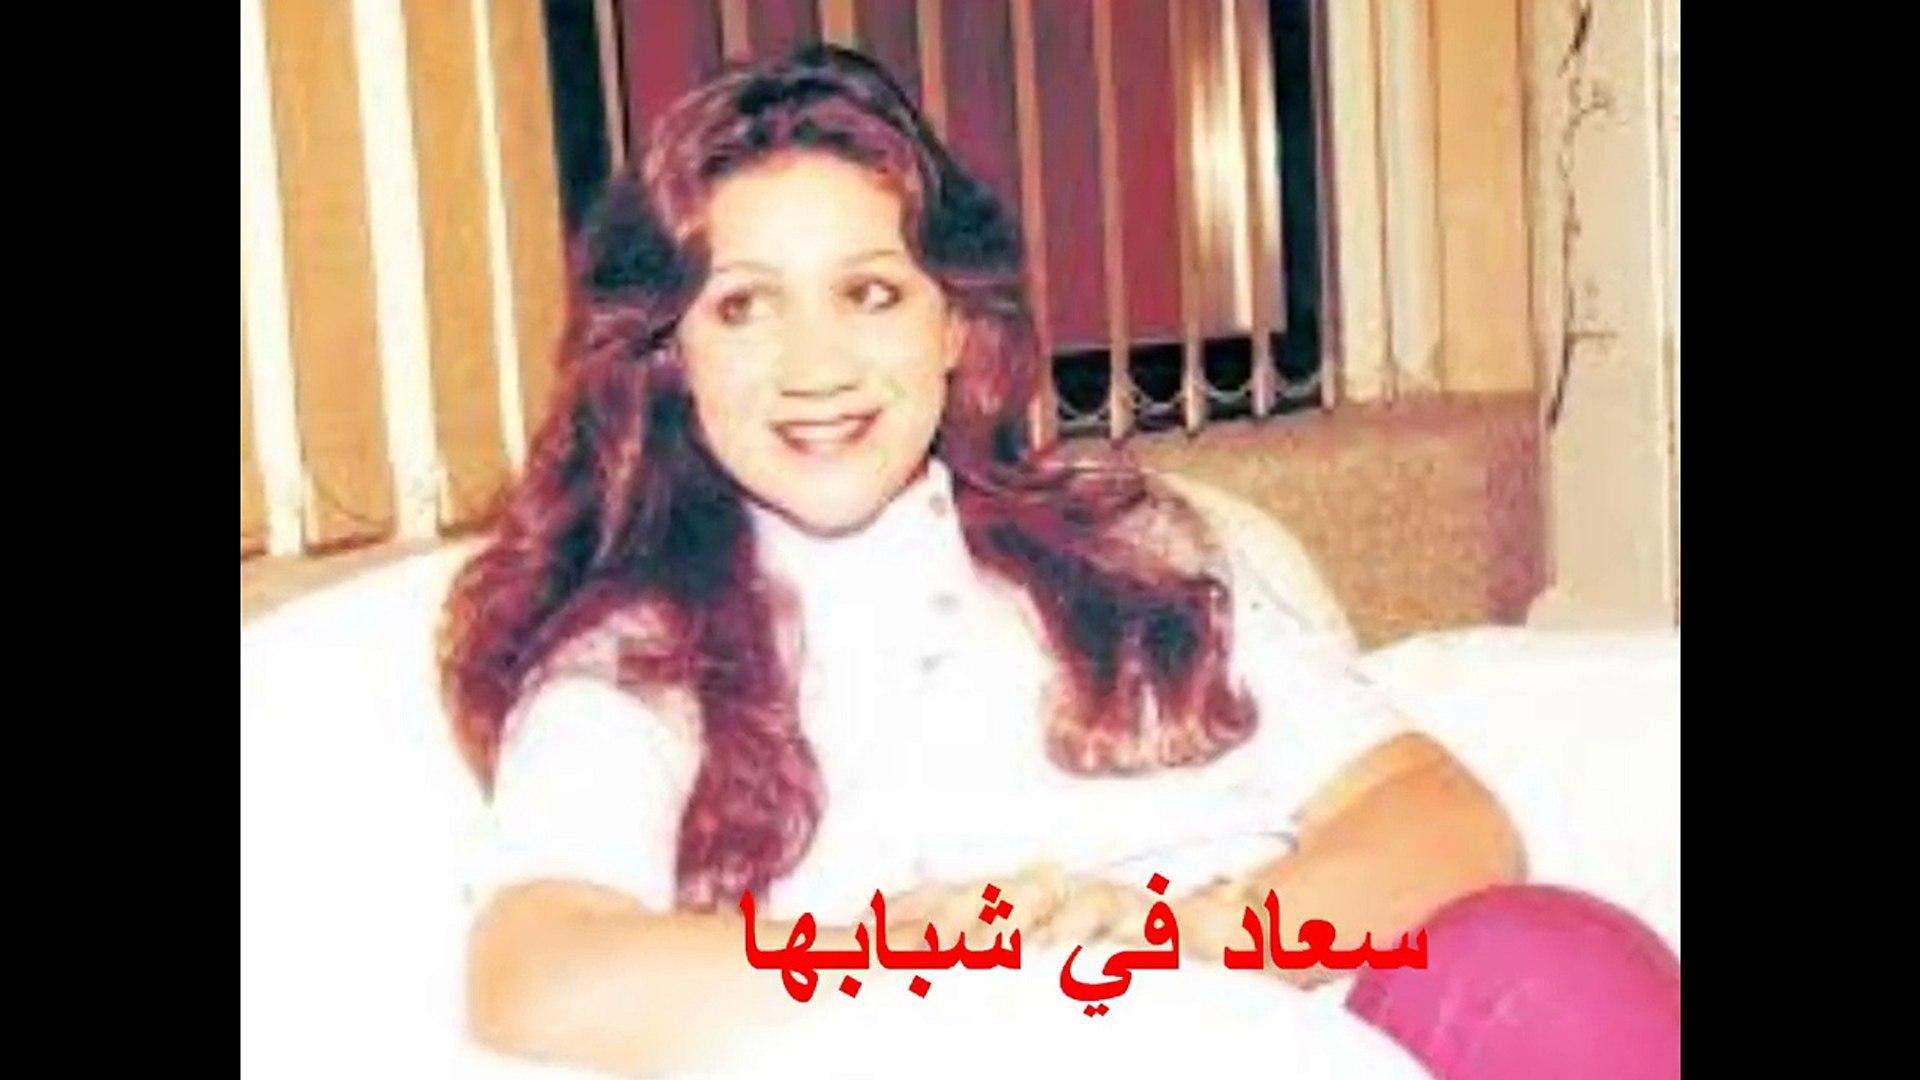 سعاد عبدالله وحفيدتها الحسناء وزوجها وابنائها وفي طفولتها وحقائق لا تعرفها عنها Video Dailymotion